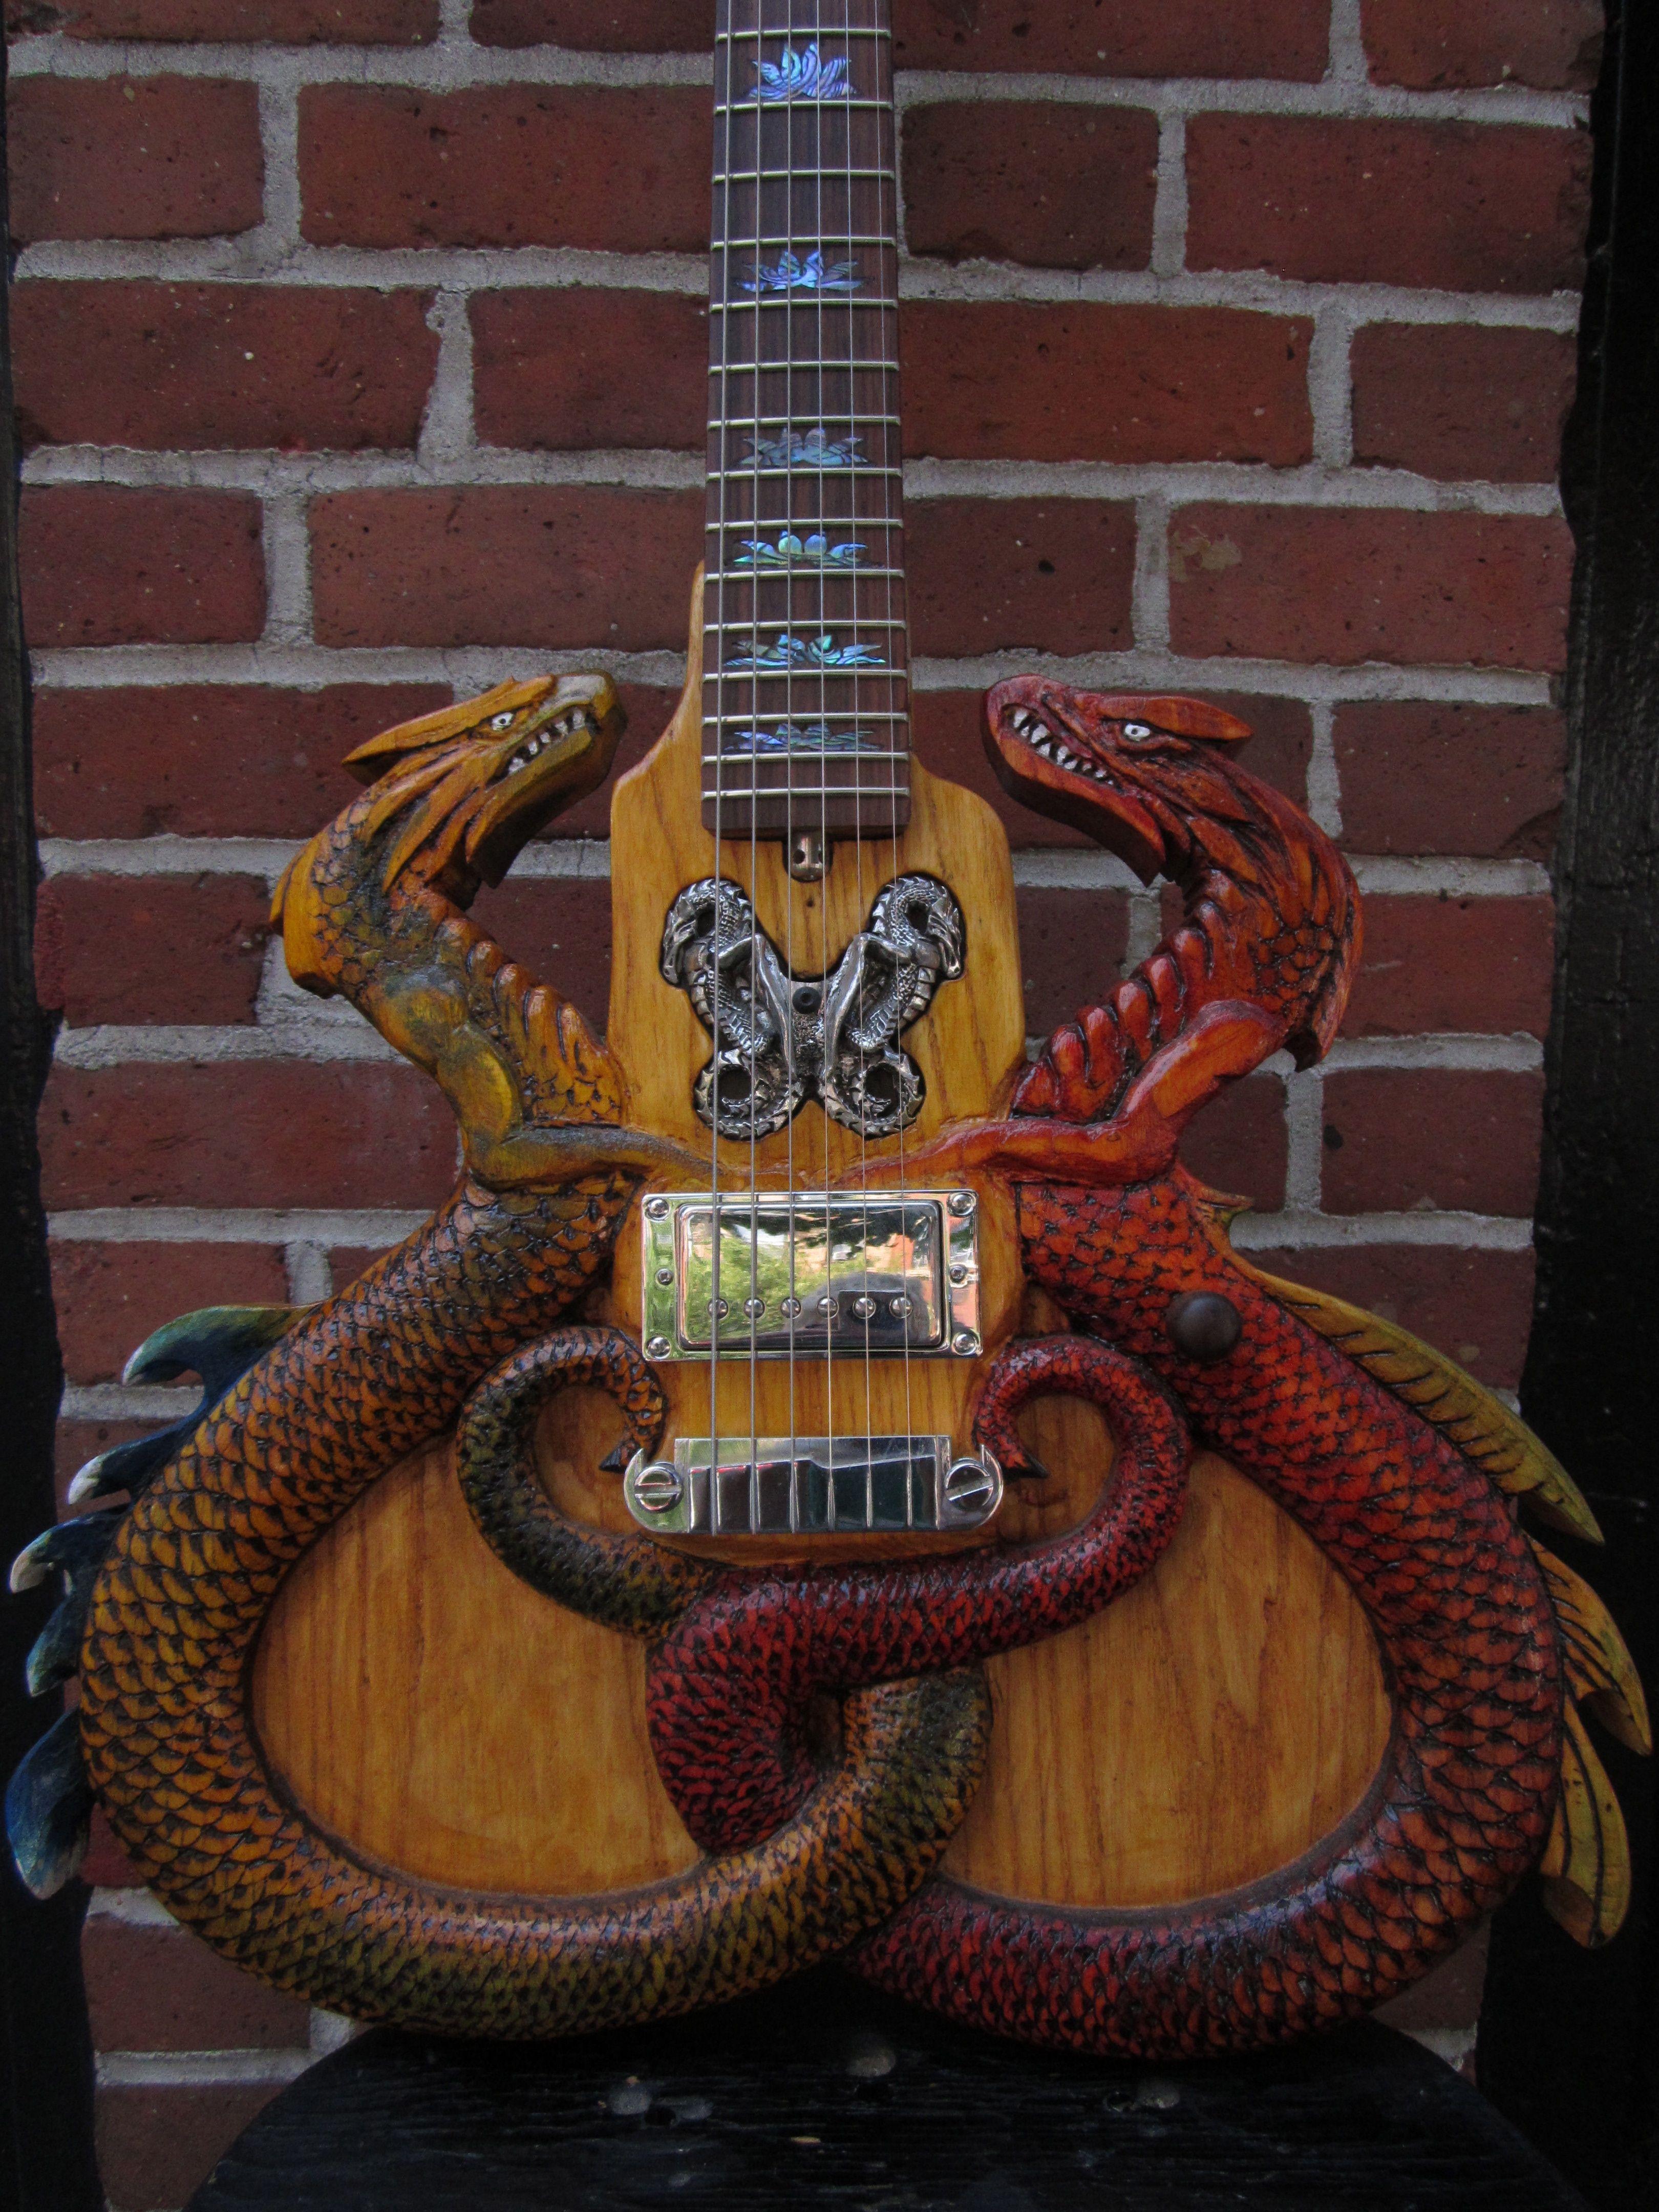 The Rick Kelly double dragon kelly guitars carminestreetguitars.com